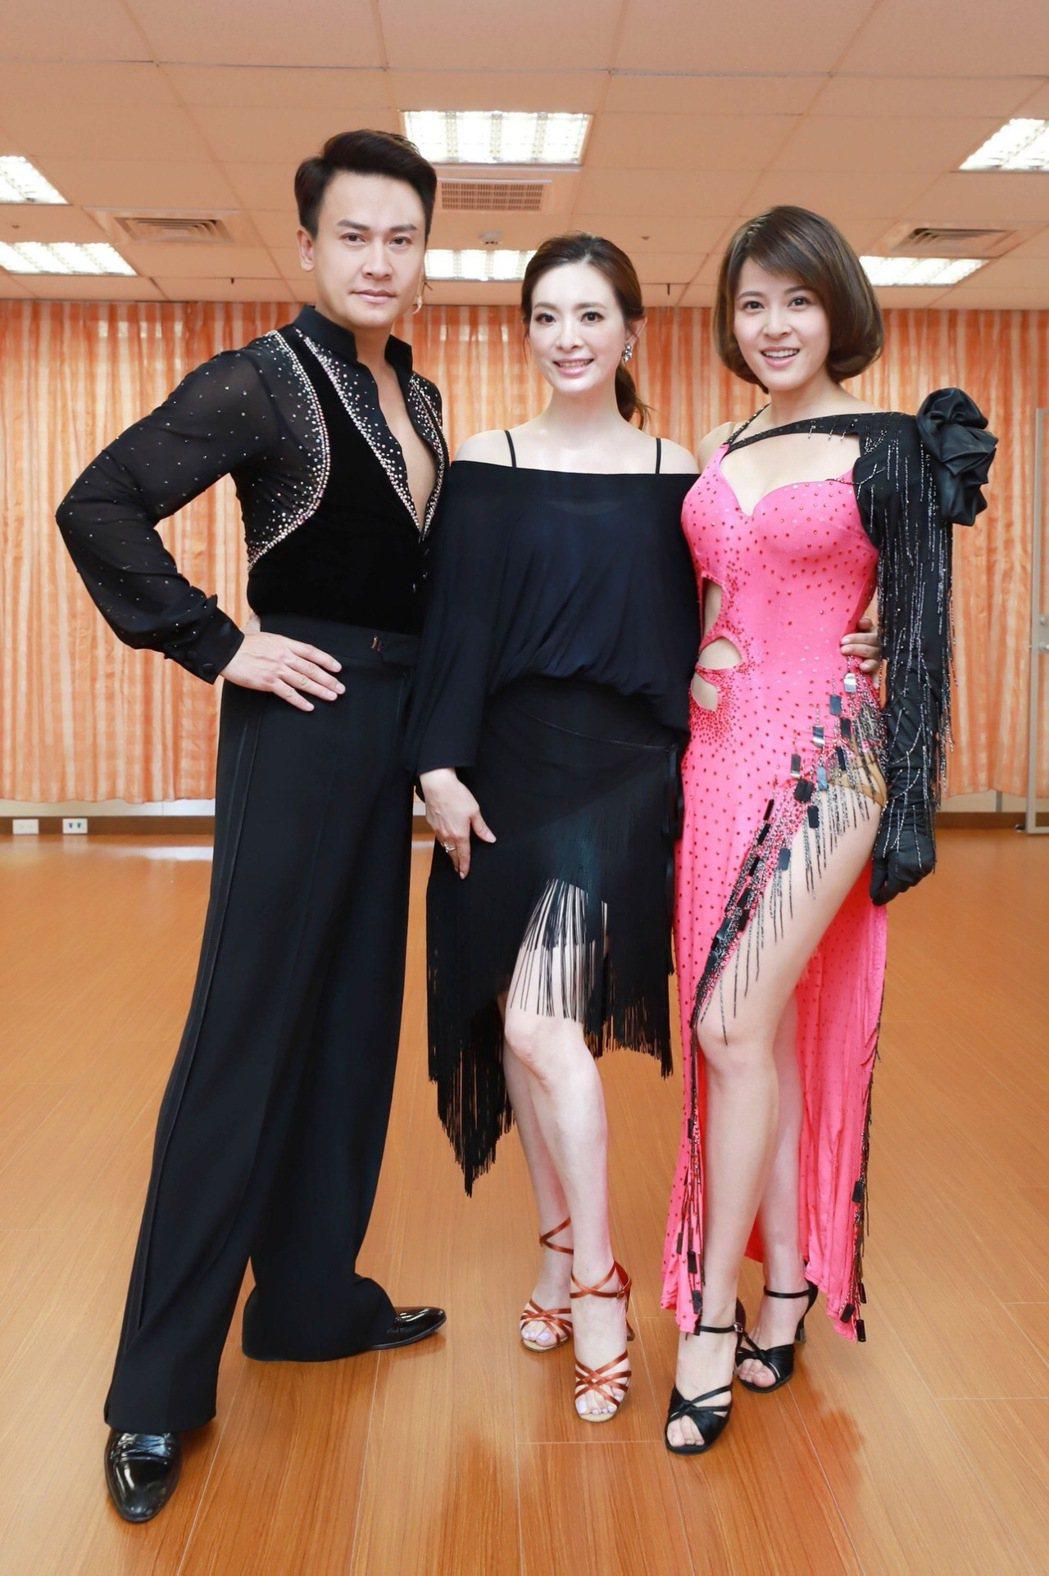 劉真客串8點檔,蘇晏霈(右起)、王建復當學生第一堂課就穿國標舞衣。圖/民視提供